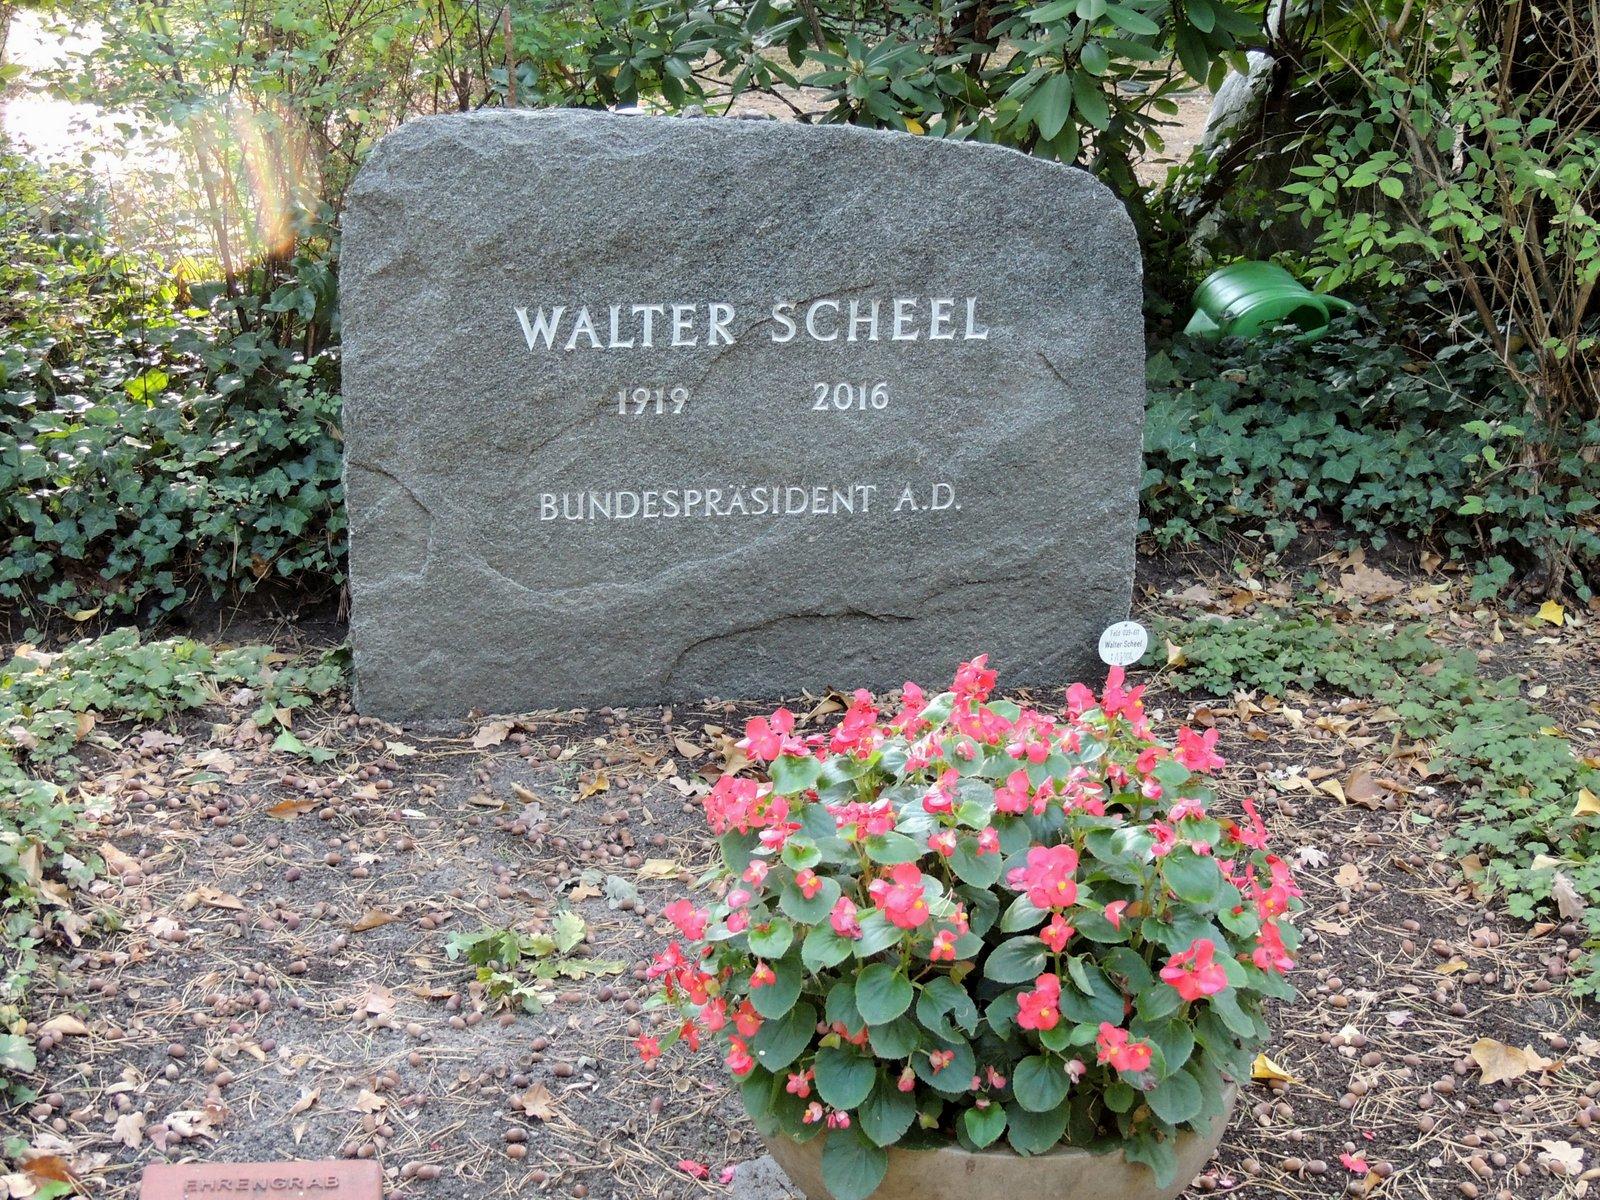 Waldfriedhof Zehlendorf - Walter Scheel